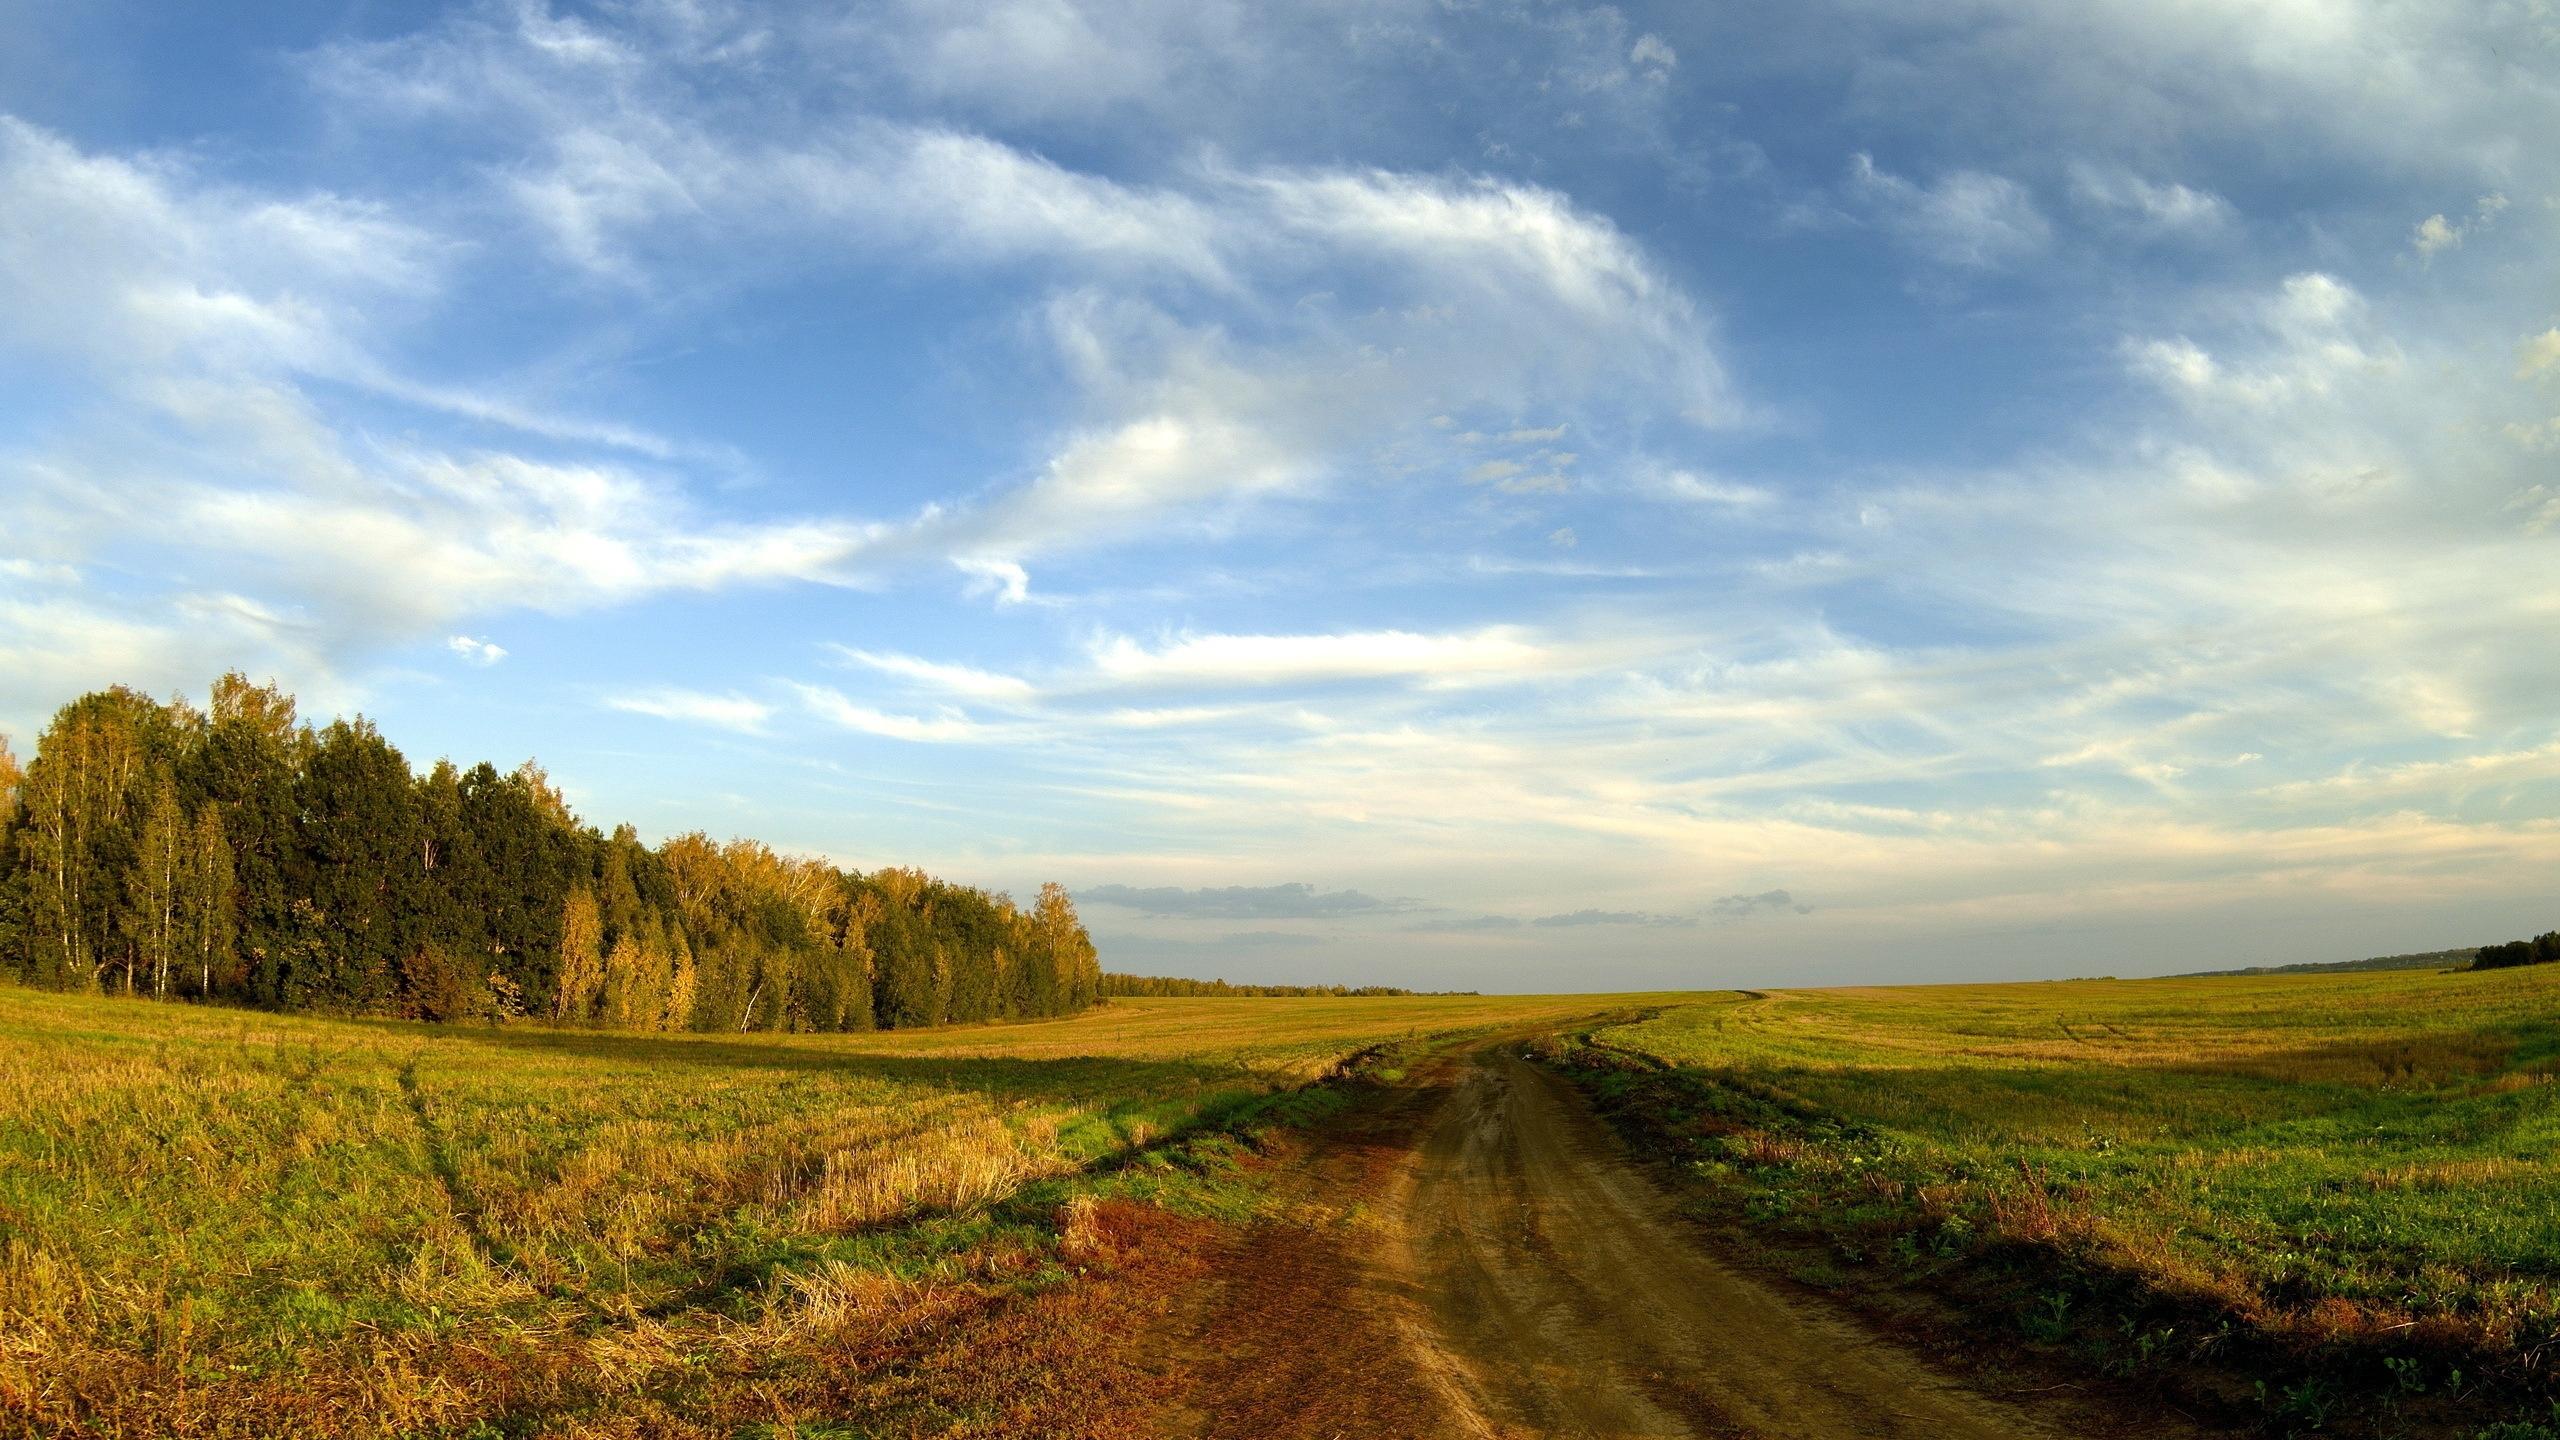 Country Landscape Wallpaper Wallpapersafari